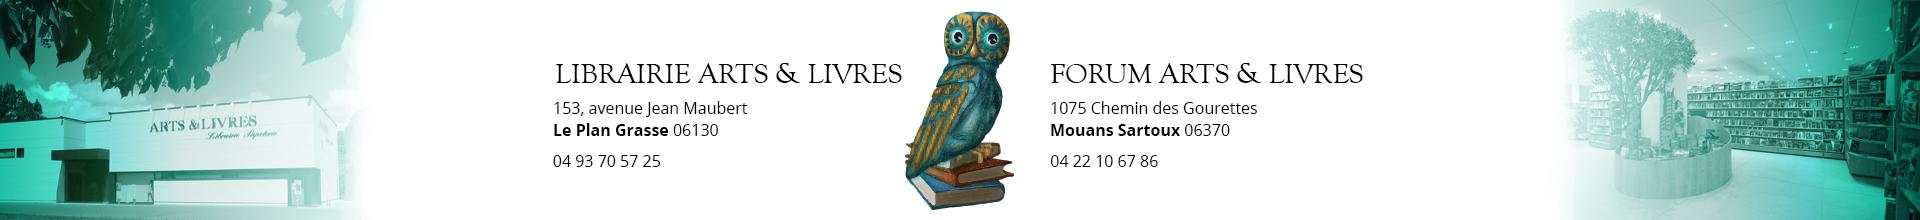 Les librairies Arts & Livres